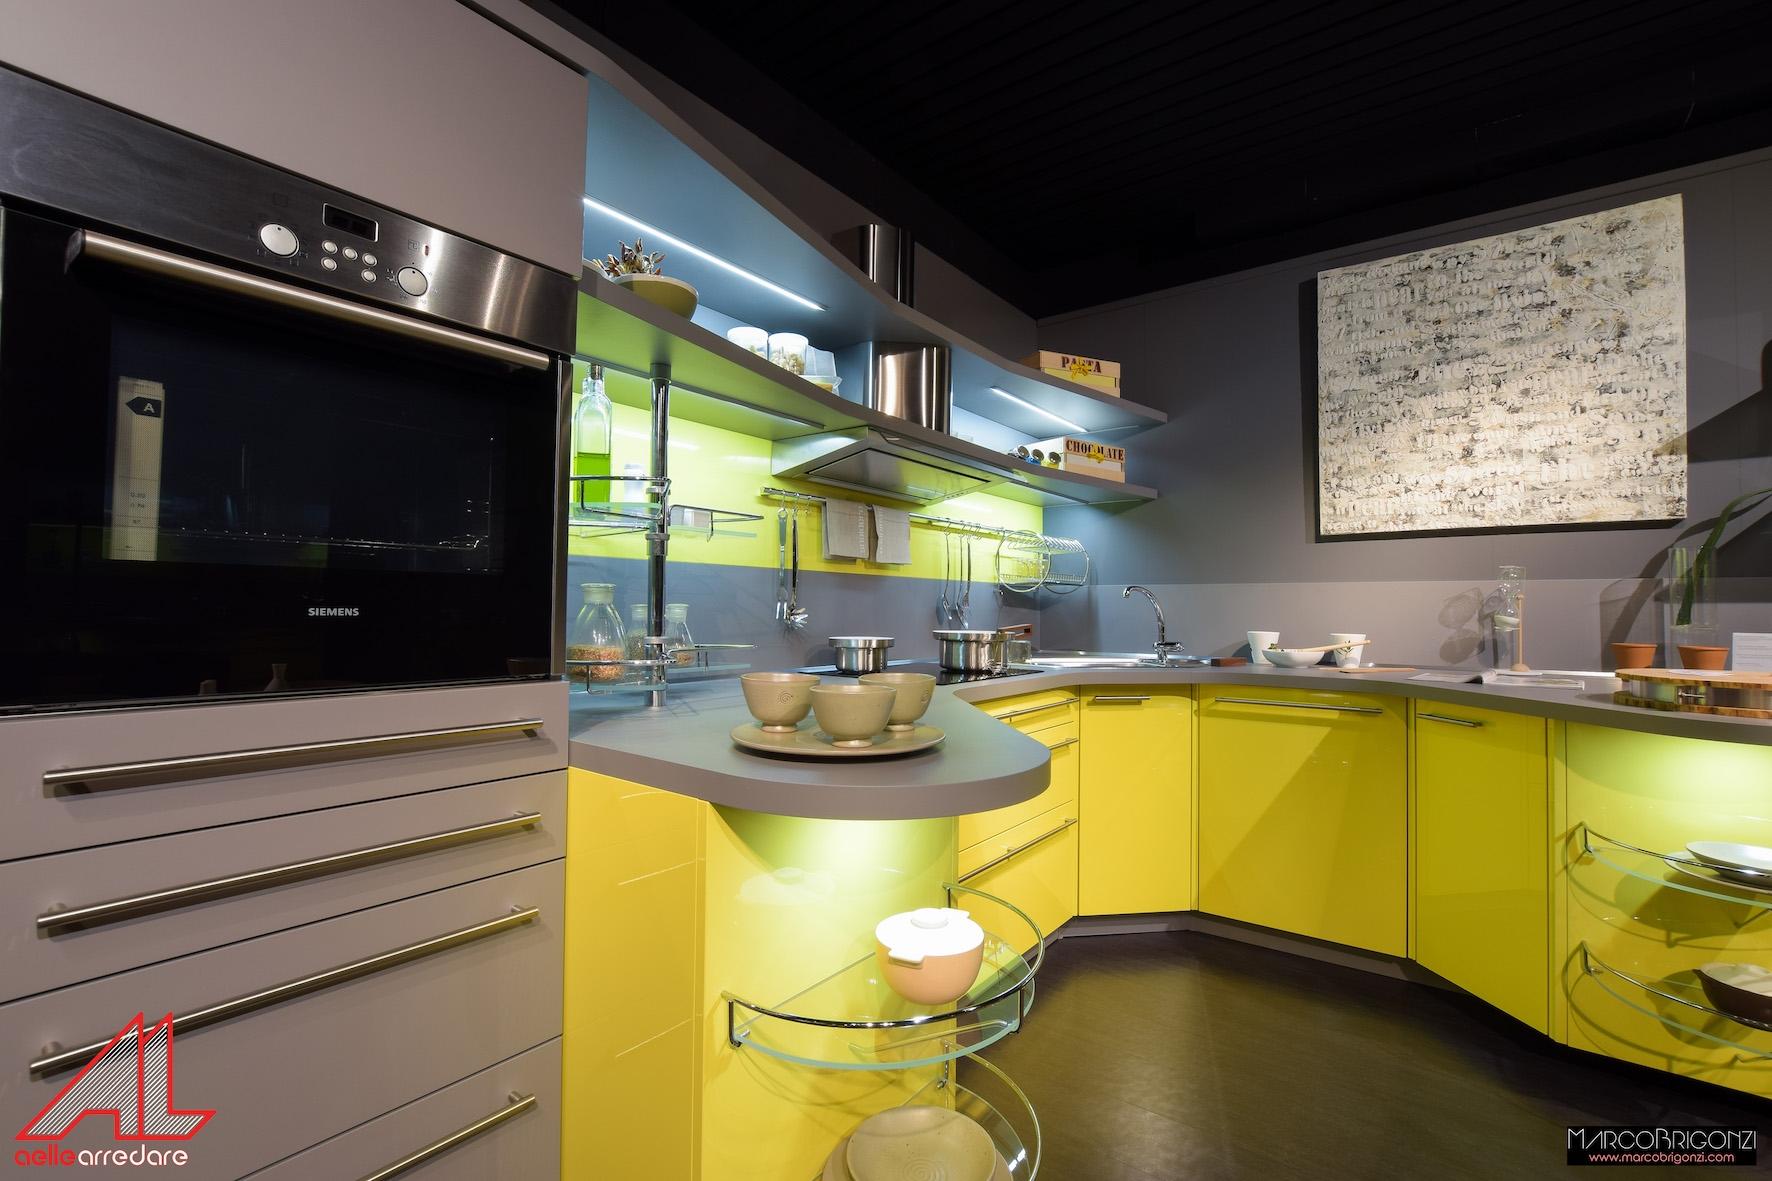 Cucina Skyline 2.0 di Snaidero in offerta - Cucine a prezzi scontati